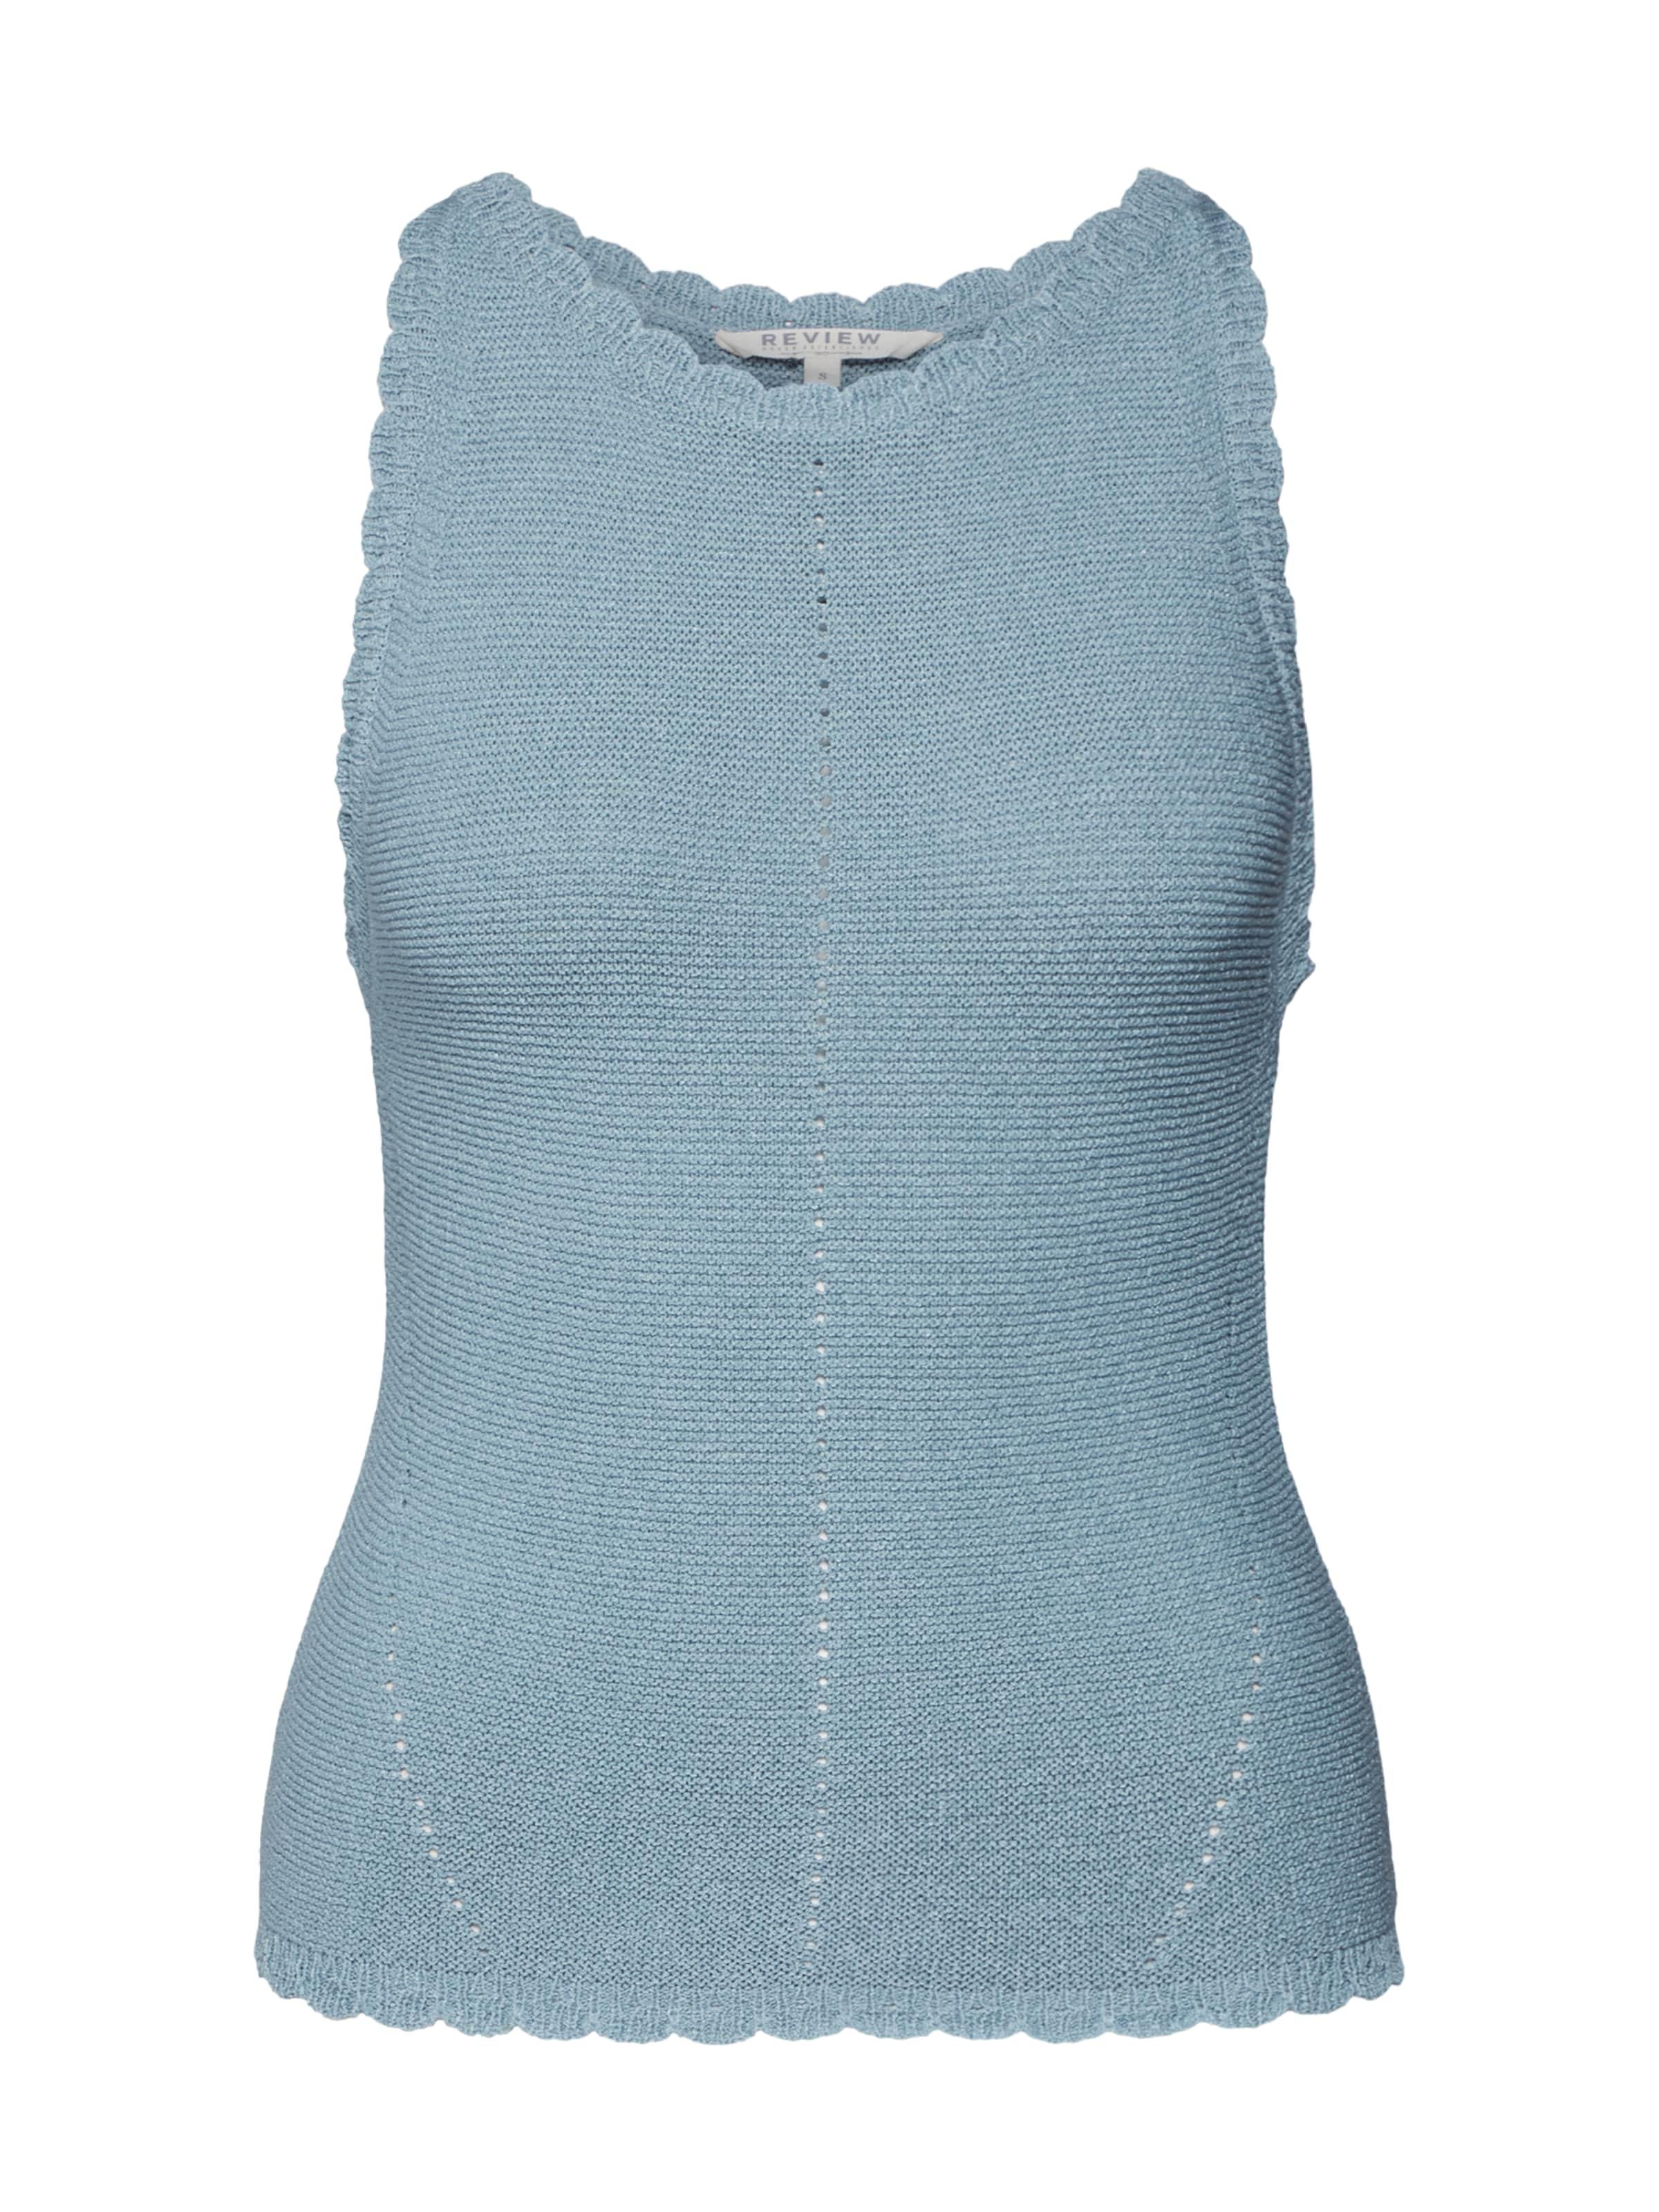 Review En shirt Top' Neckhold T 'new Bleu SzqULpjMVG